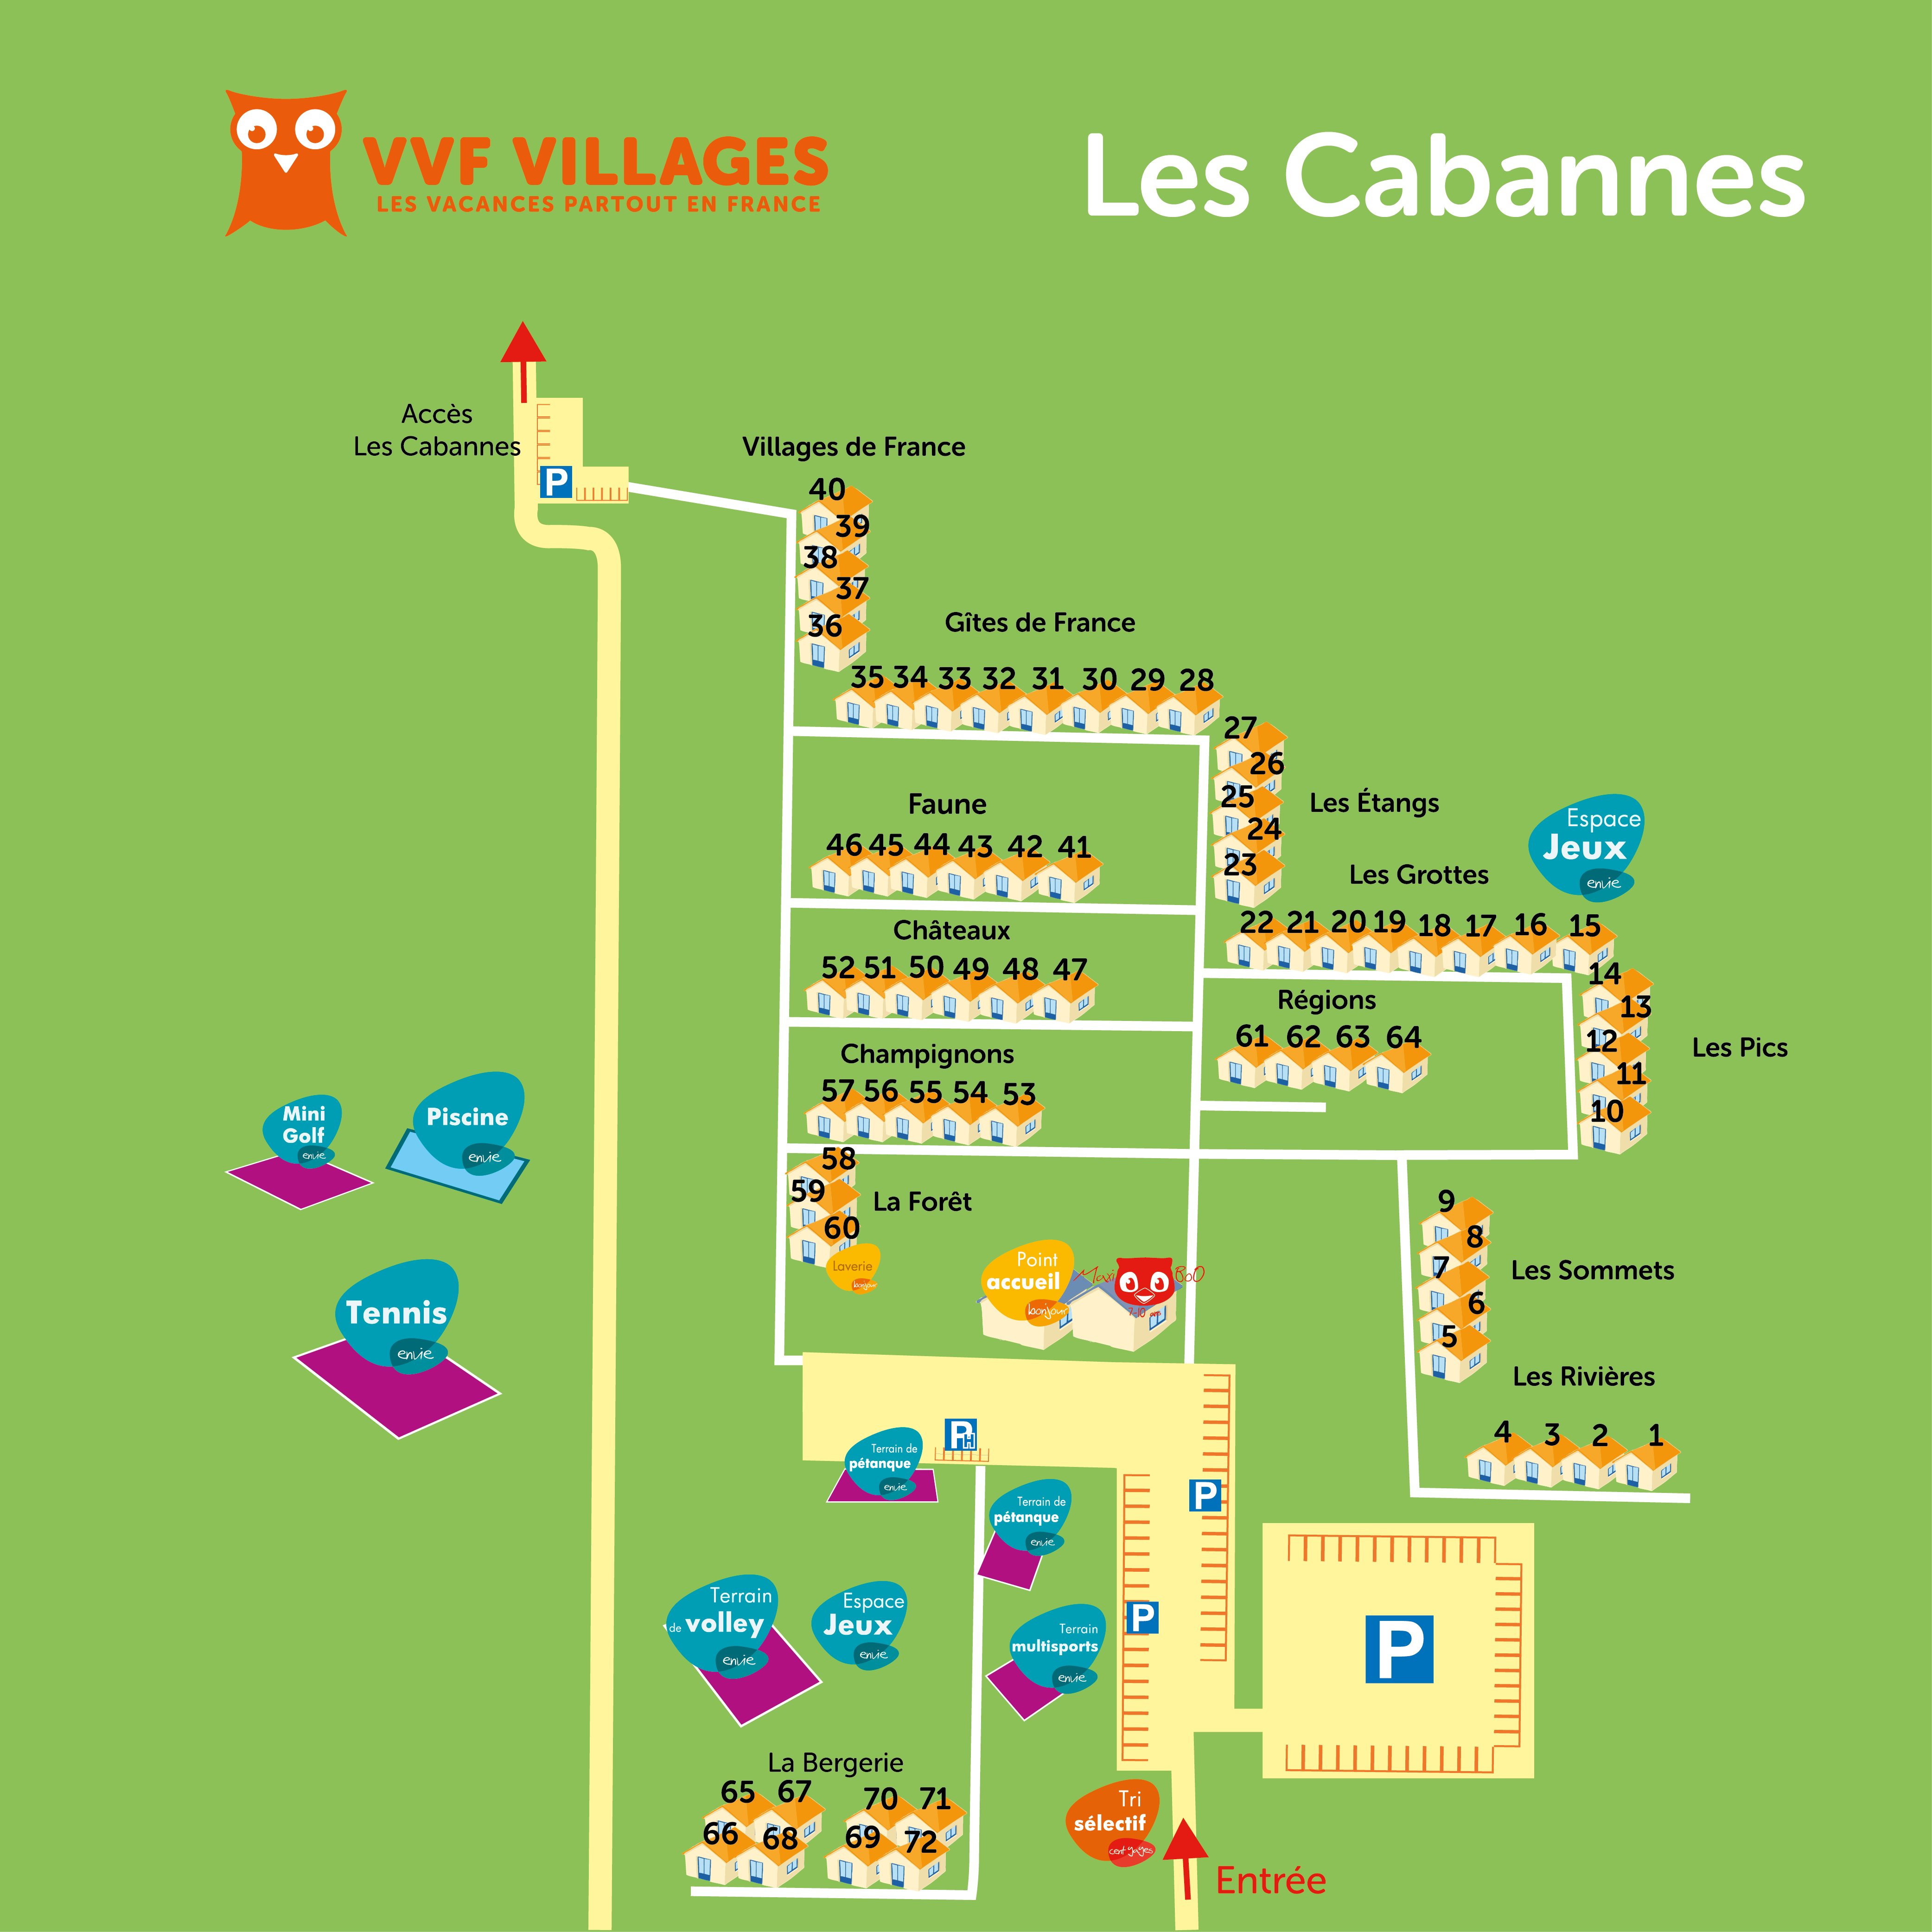 Plan du village de Les Cabannes